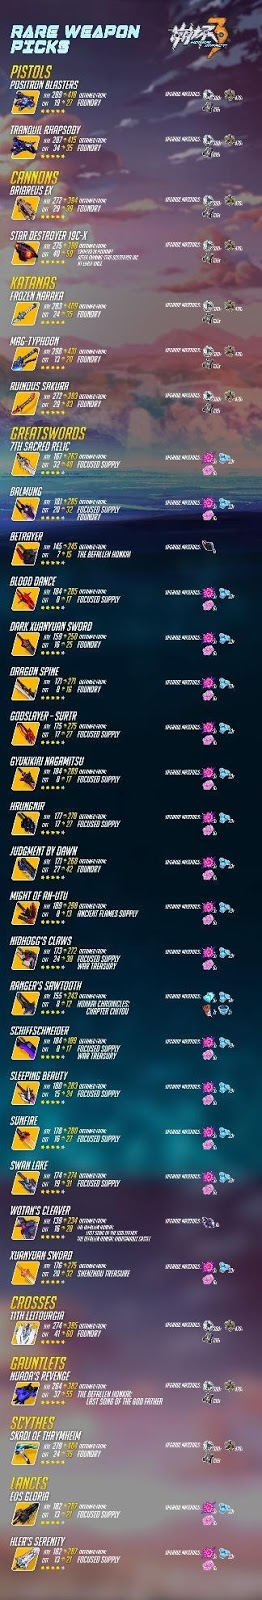 Honkai Impact 3 Weapon Guide